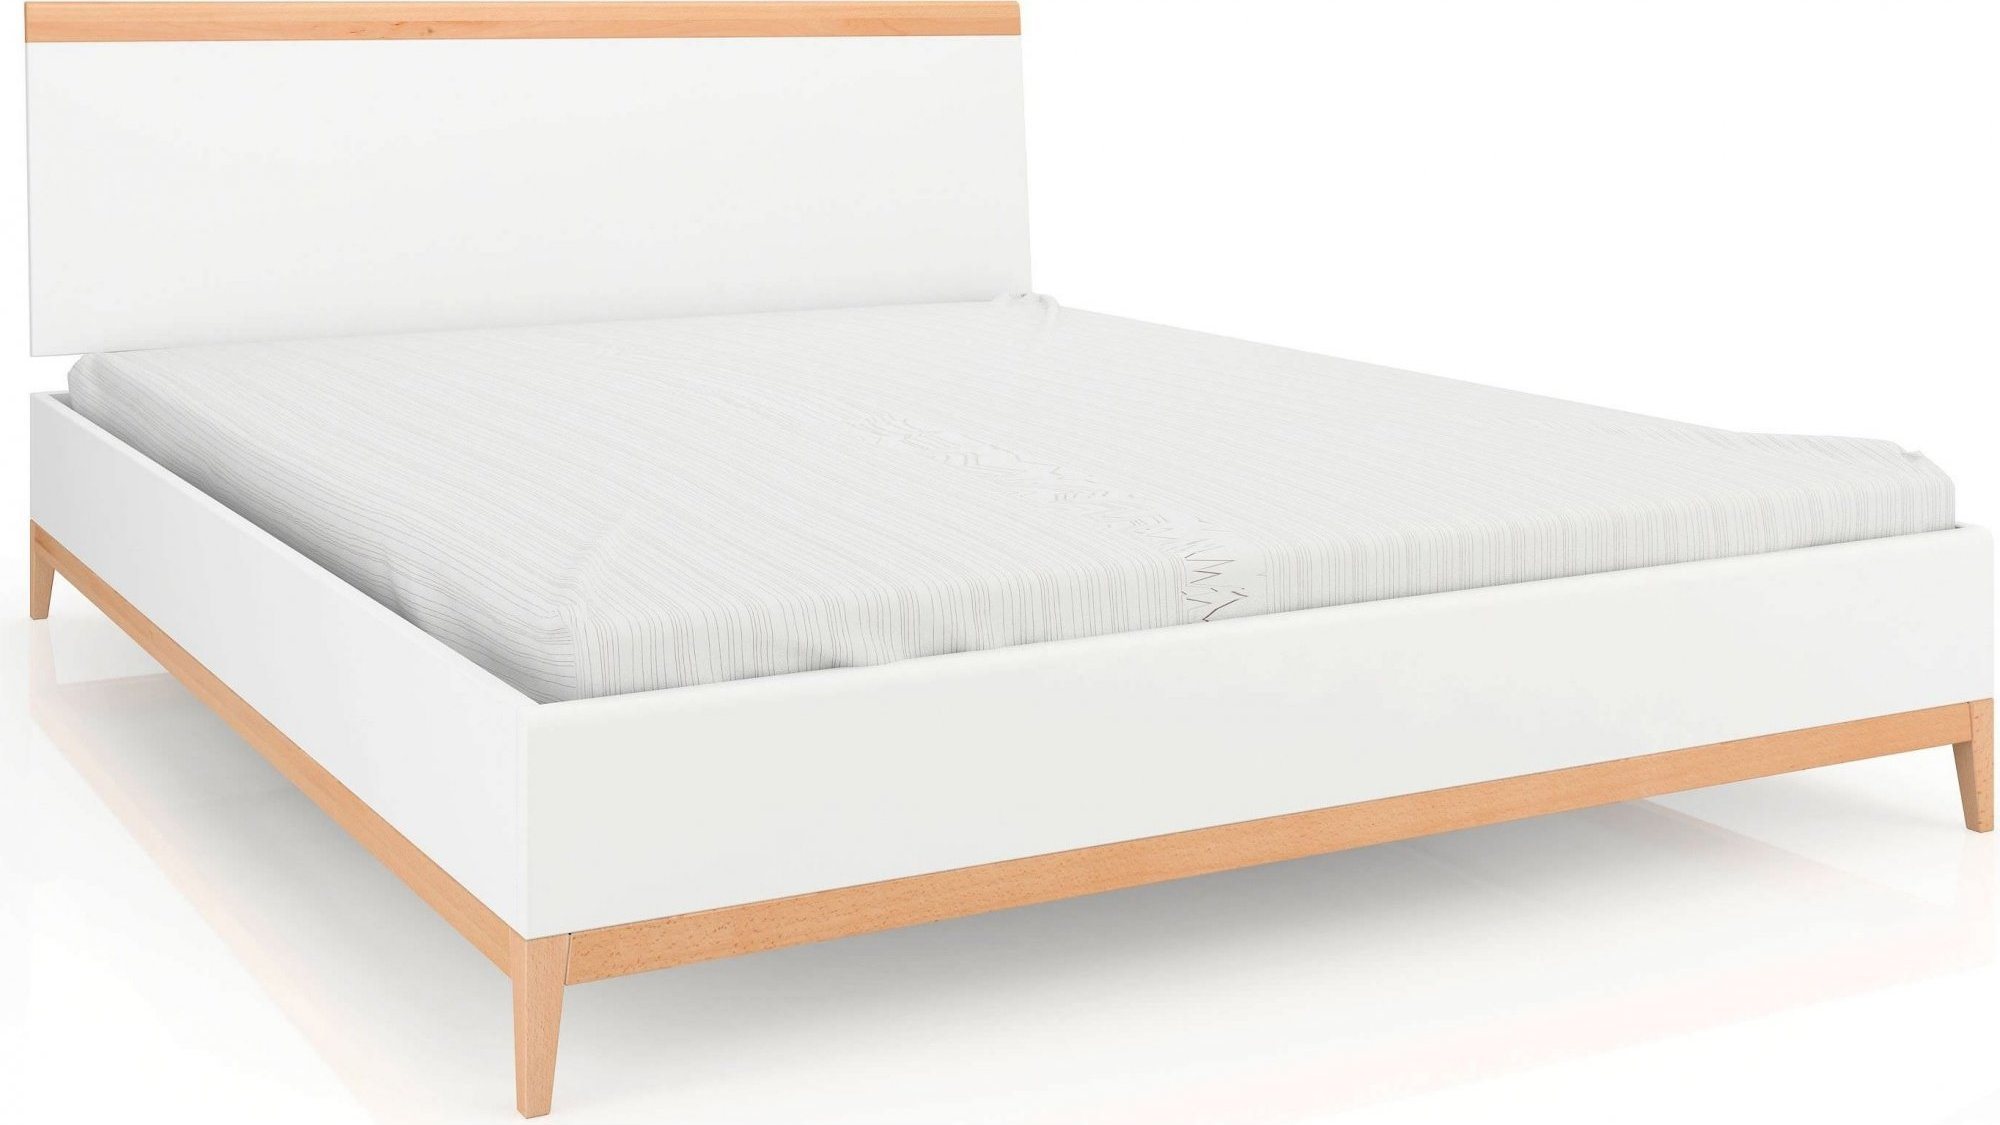 Lit avec tête de lit sommier massif clair blanc 160x200cm